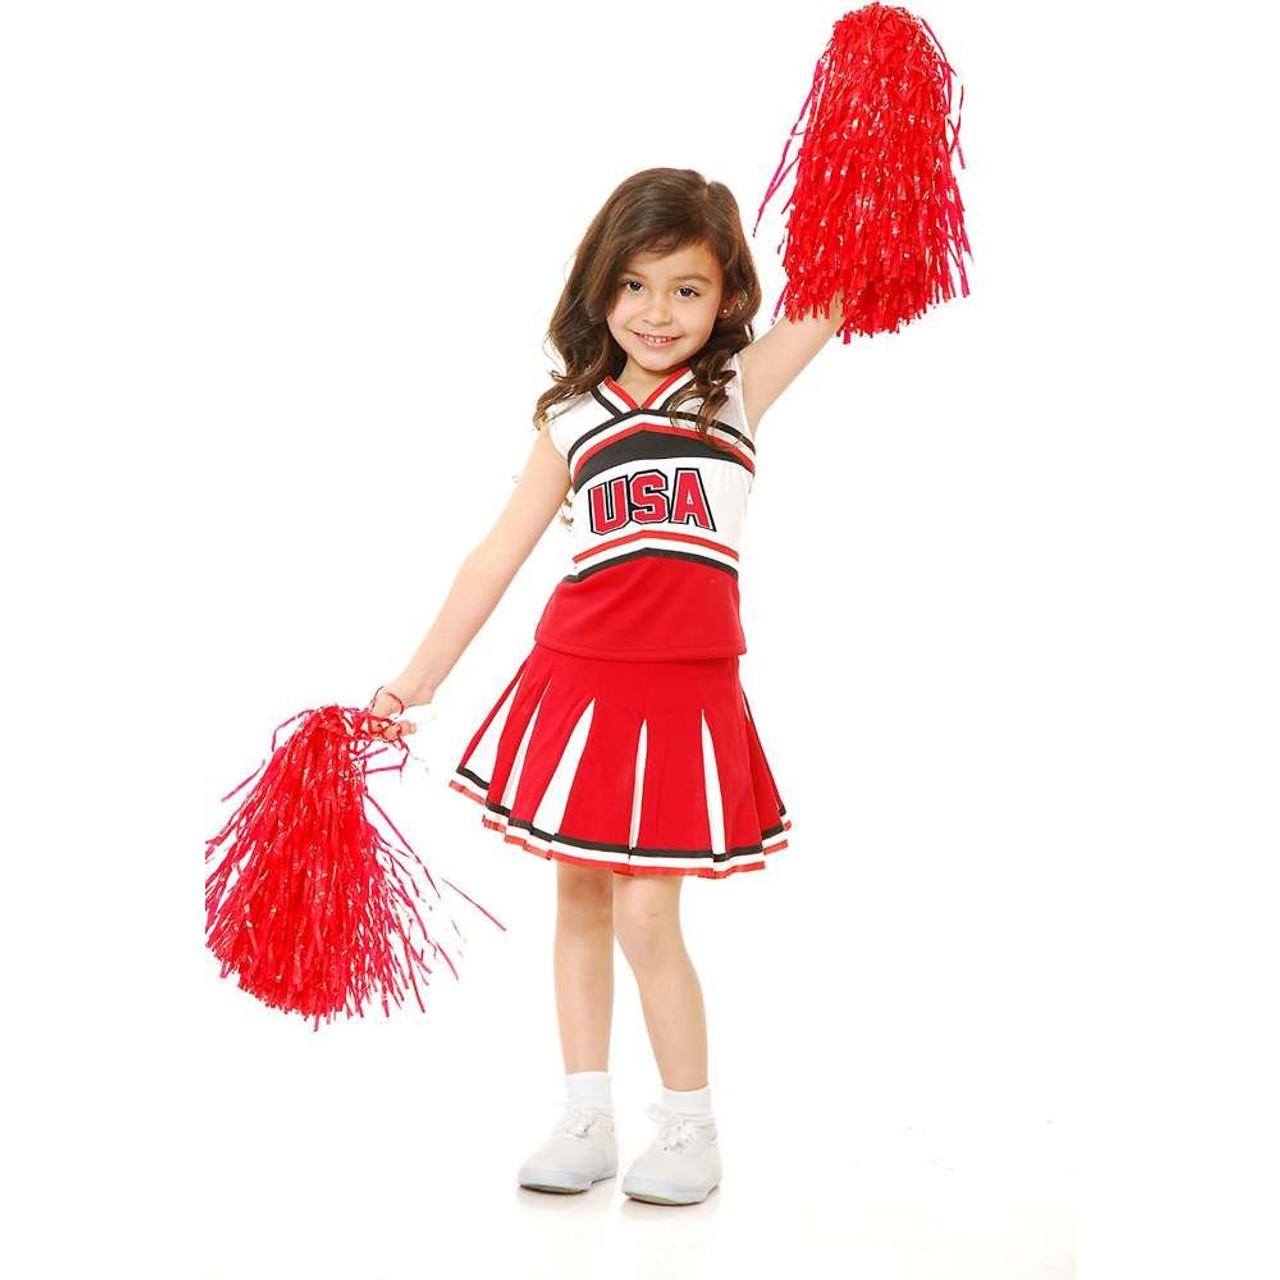 fe3f220b312 Girls USA Cheerleader Costume